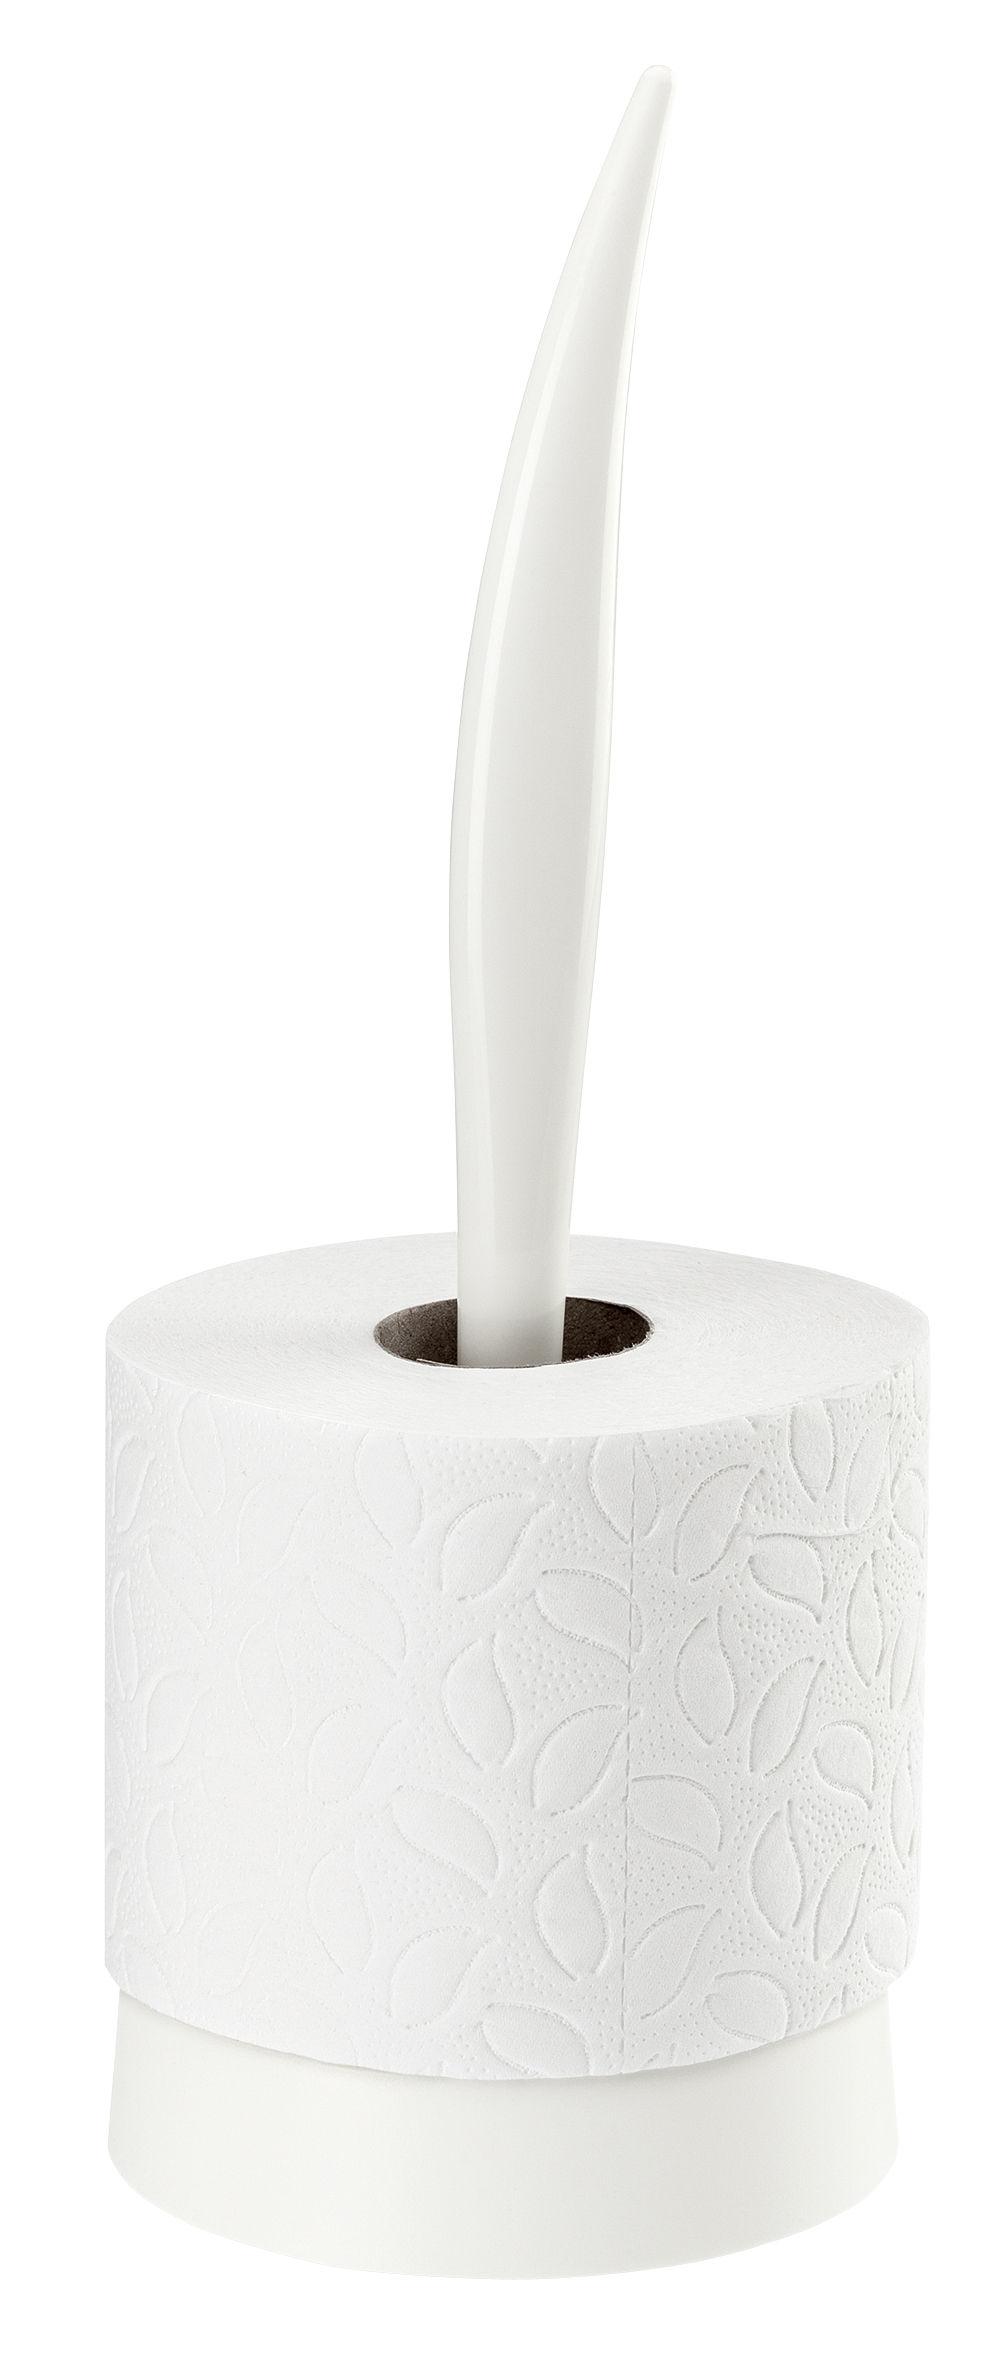 Accessoires - Accessoires salle de bains - Porte-rouleau essuie-tout Sense / Essuie-tout - Koziol - Blanc opaque - Plastique